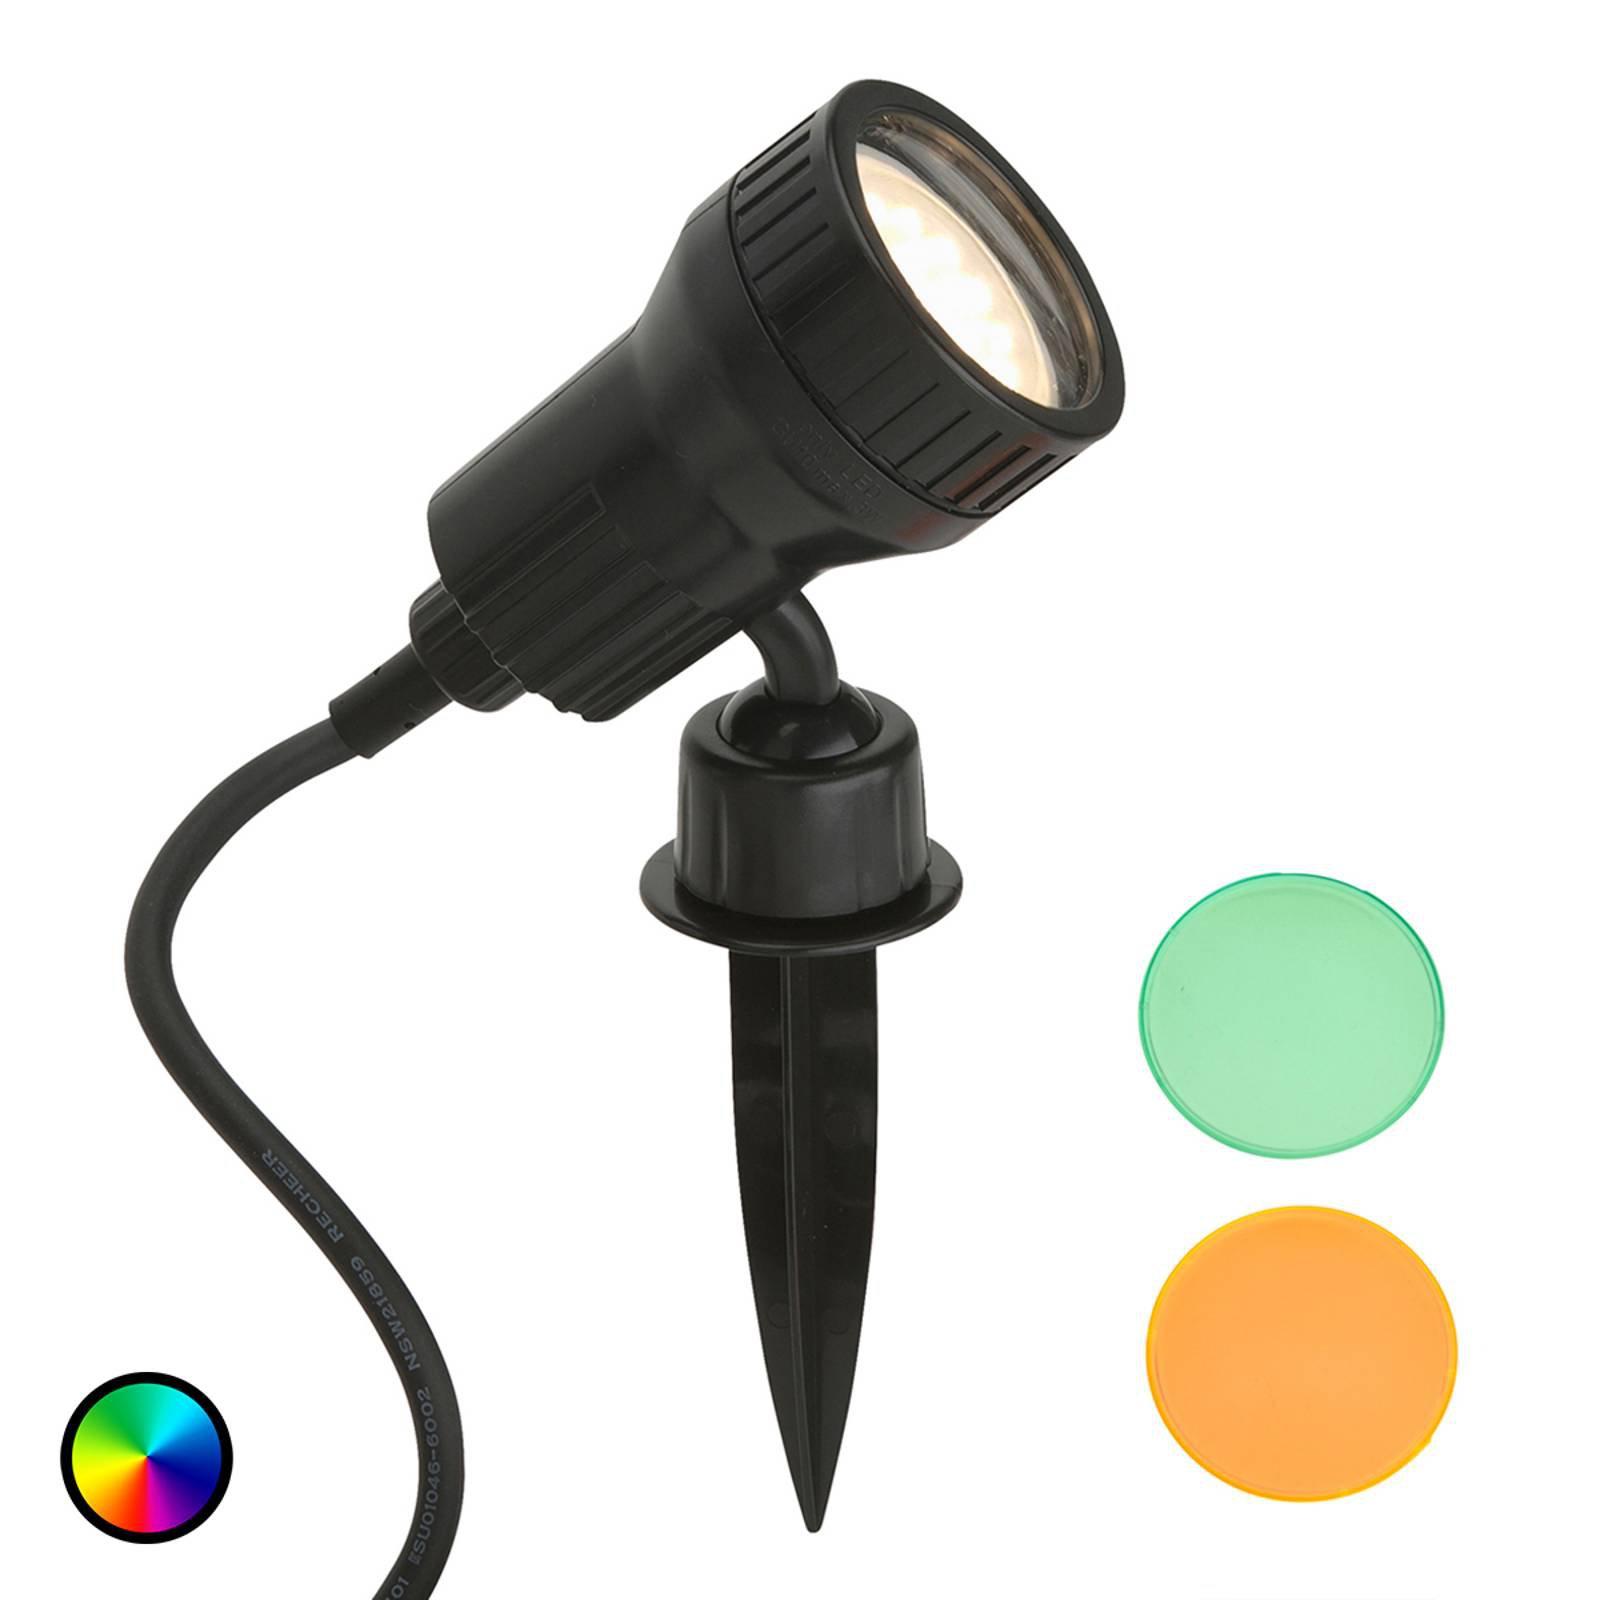 Terra LED-spot med jordspyd og fargefilter